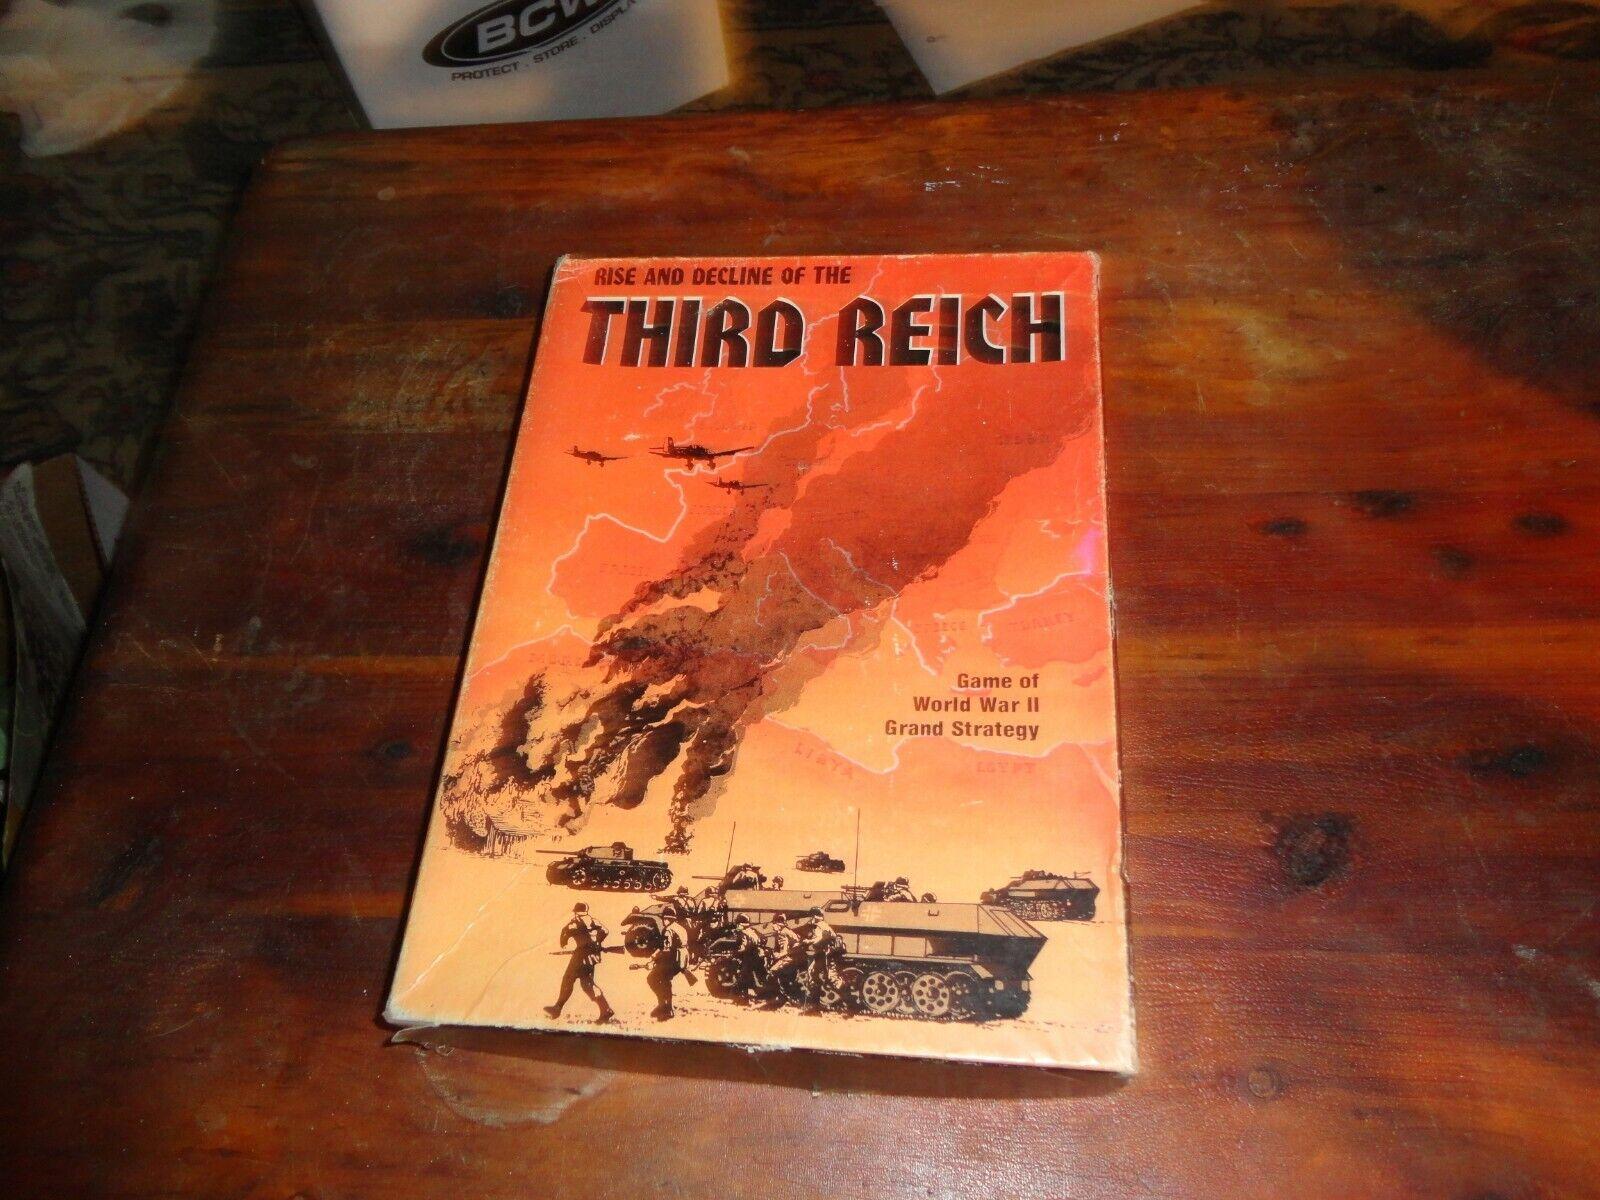 Vintage subida y decadencia del Tercer Reich Librero juego por Avalon Hill 1974